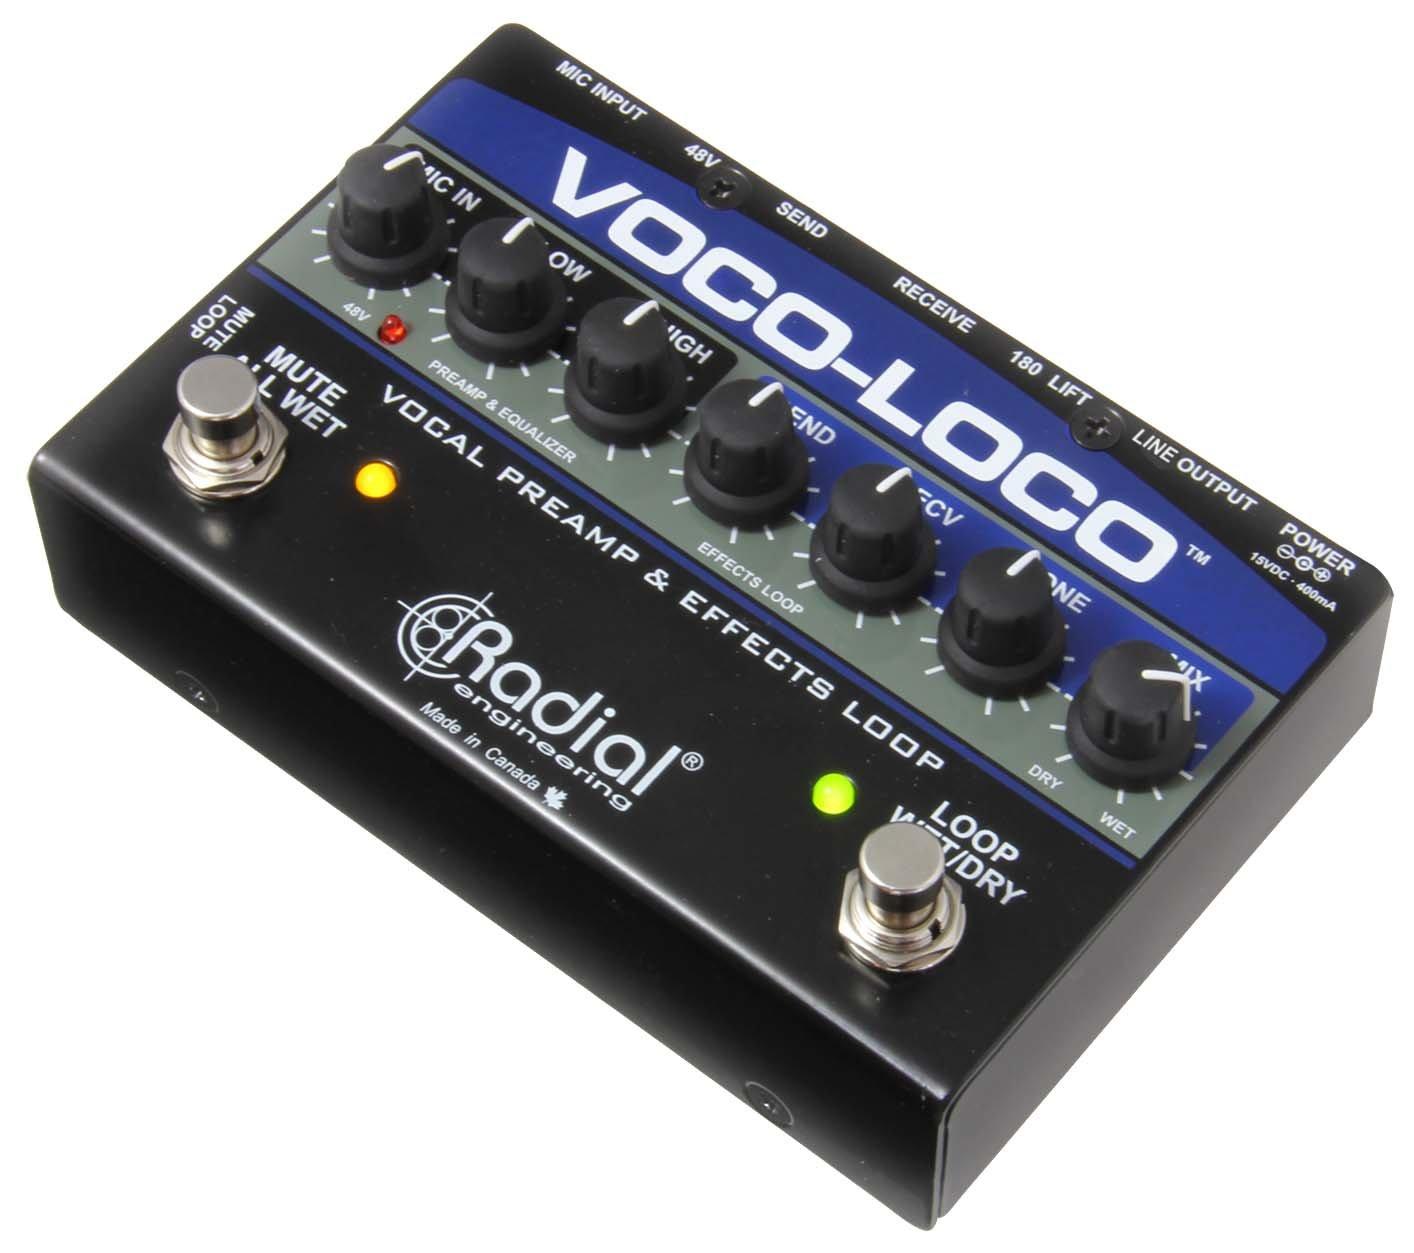 Radial ボーカル/楽器用エフェクトスイッチャー Voco-Loco 【国内正規輸入品】   B00KBO6IQU